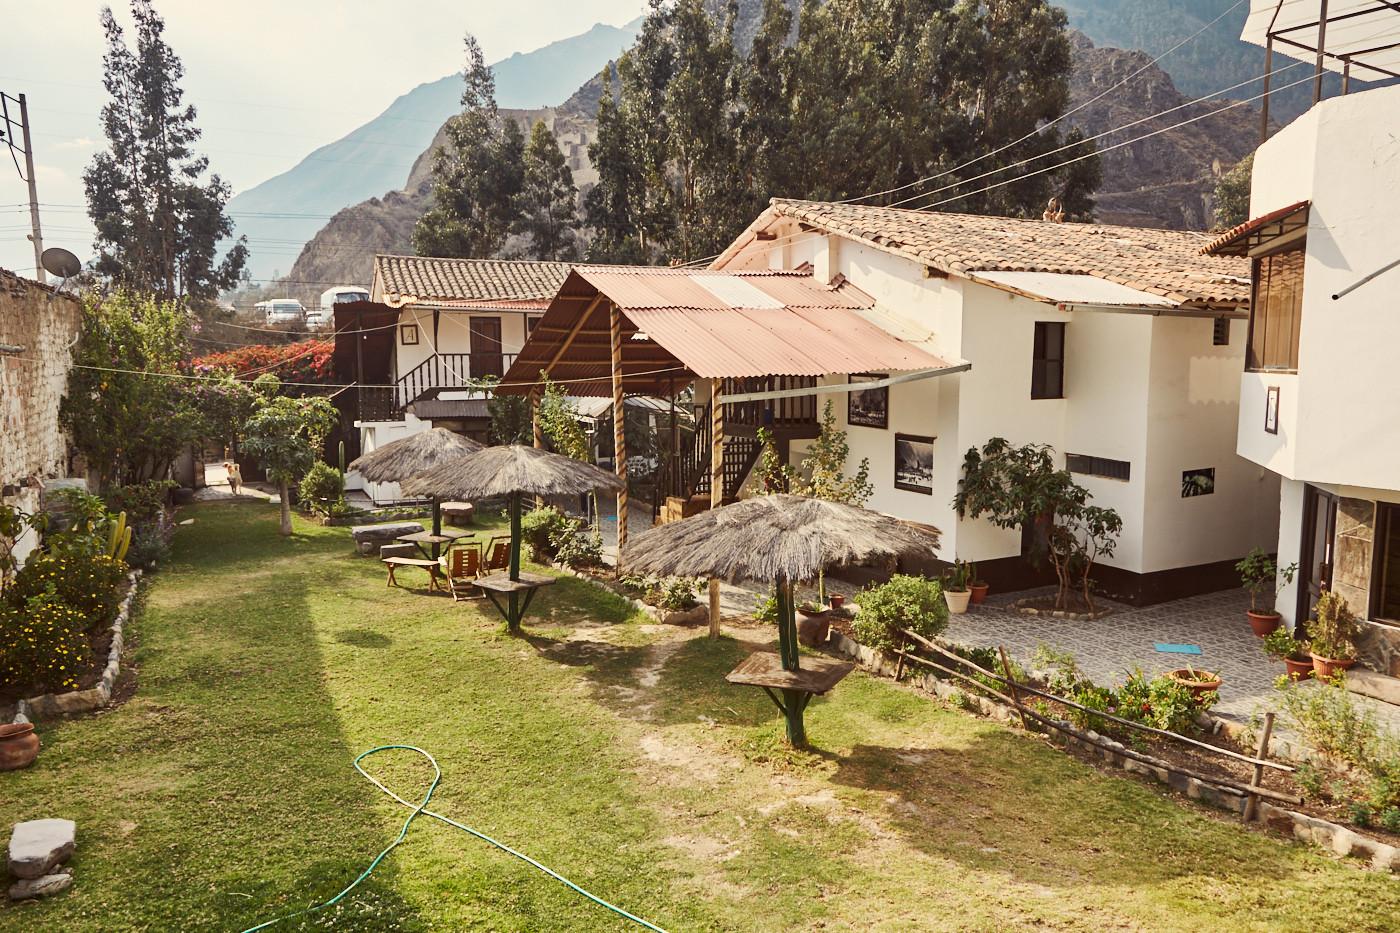 sehr schönes Hotel in Ollantaytambo, nur ein paar Gehminuten vom Bahnhof nach Machu Picchu entfernt